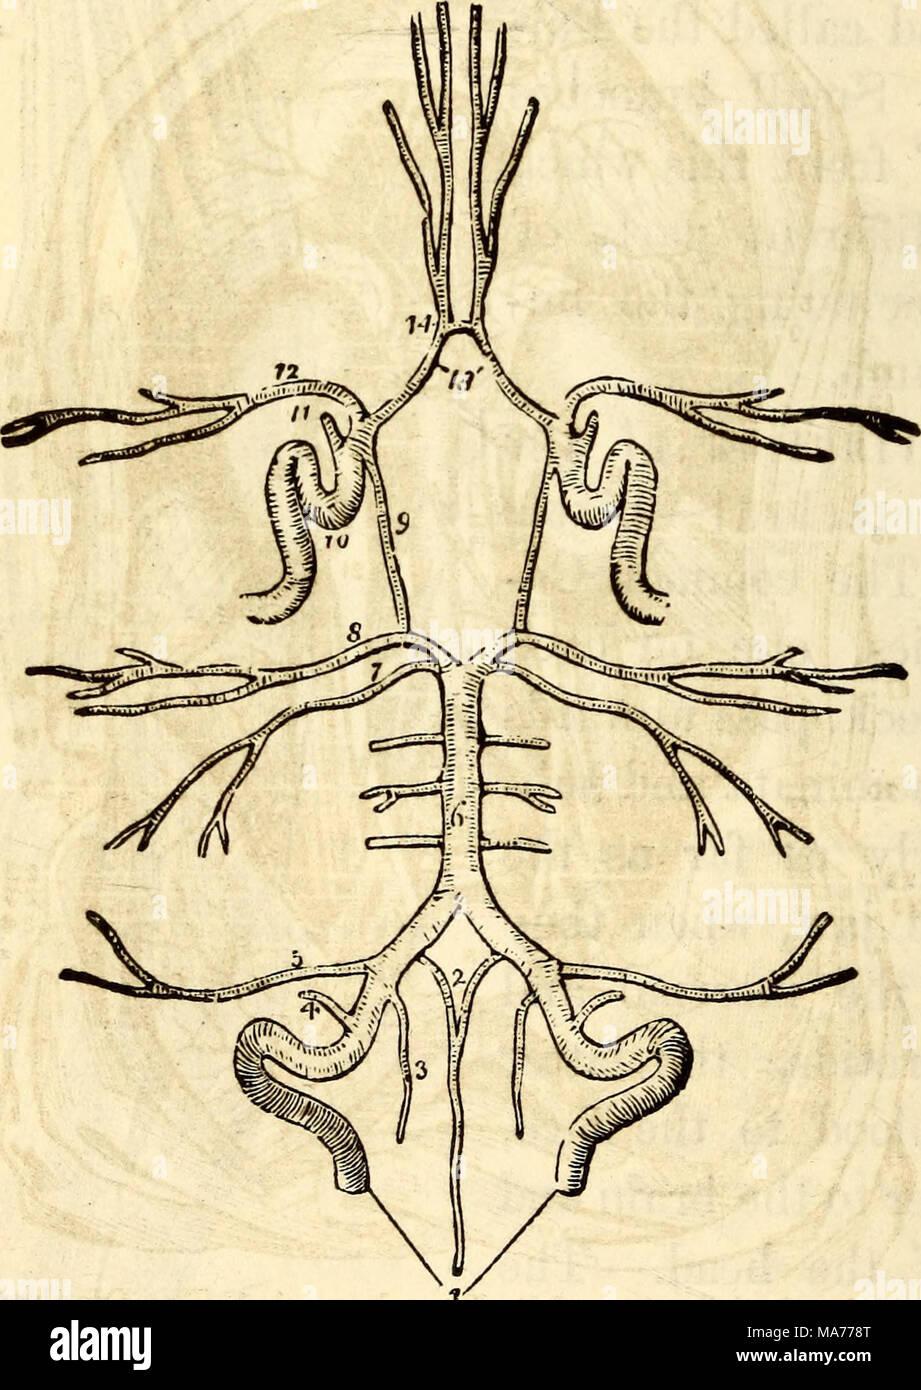 Fantastisch Anatomie Und Physiologie Kapitel 19 Blut Galerie ...